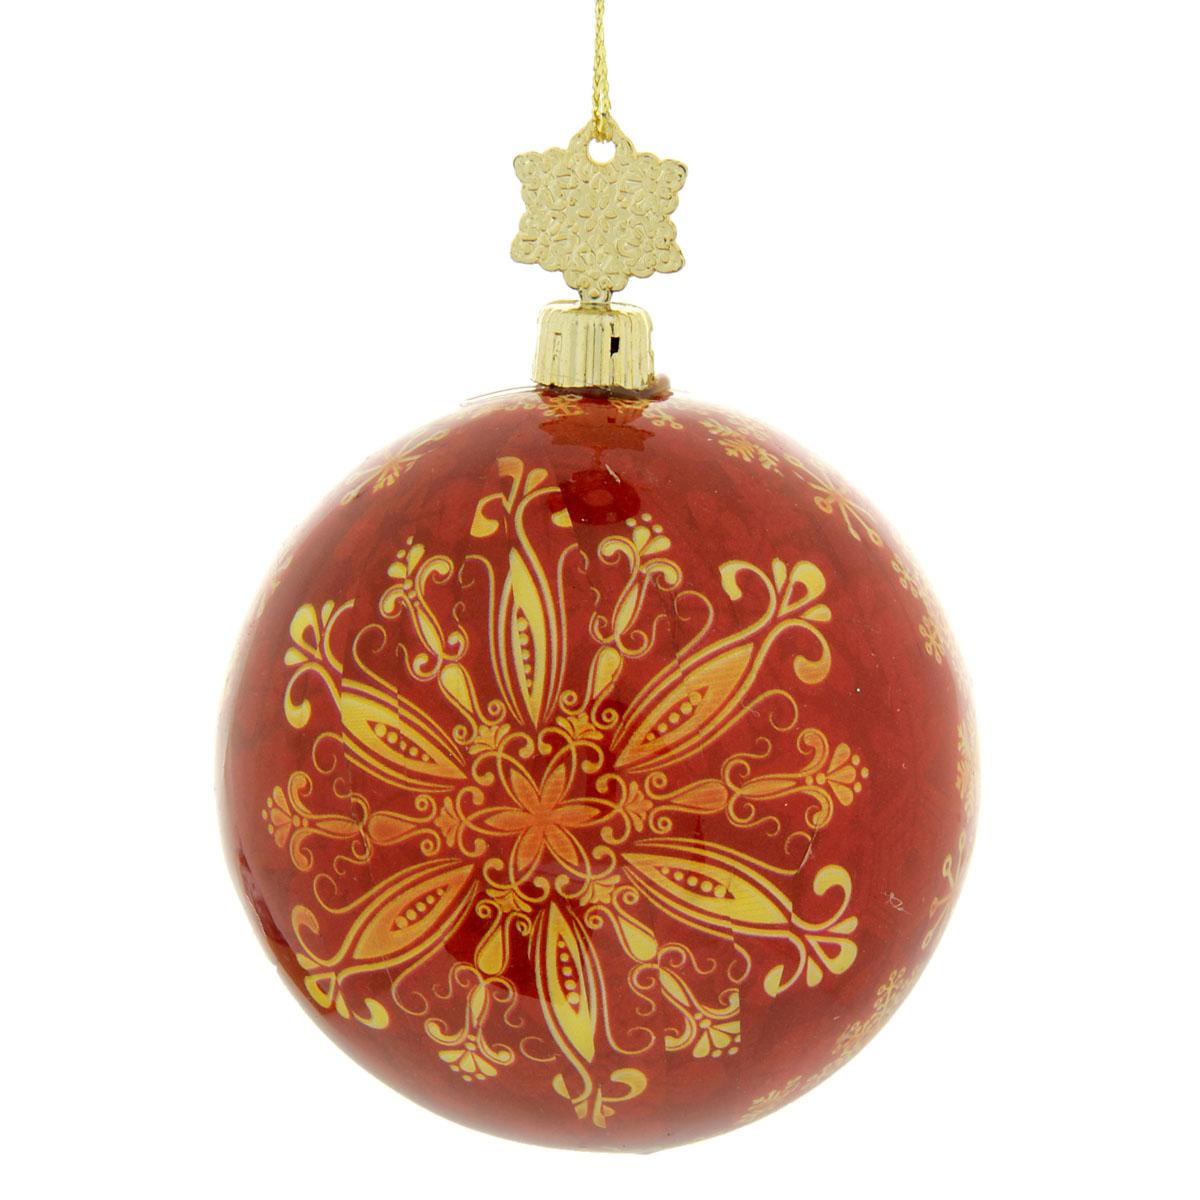 Новогоднее подвесное украшение Sima-land Шар, диаметр 8 см. 279339279339Новогоднее подвесное украшение Sima-land выполнено из высококачественного пенопласта в форме шара и покрыто цветной пленкой. Шар декорирован новогодним рисунком. С помощью специальной петельки украшение можно повесить в любом понравившемся вам месте. Но, конечно, удачнее всего такой набор будет смотреться на праздничной елке. Елочная игрушка - символ Нового года. Она несет в себе волшебство и красоту праздника. Создайте в своем доме атмосферу веселья и радости, украшая новогоднюю елку нарядными игрушками, которые будут из года в год накапливать теплоту воспоминаний. Материал: пенопласт, пленка, текстиль.